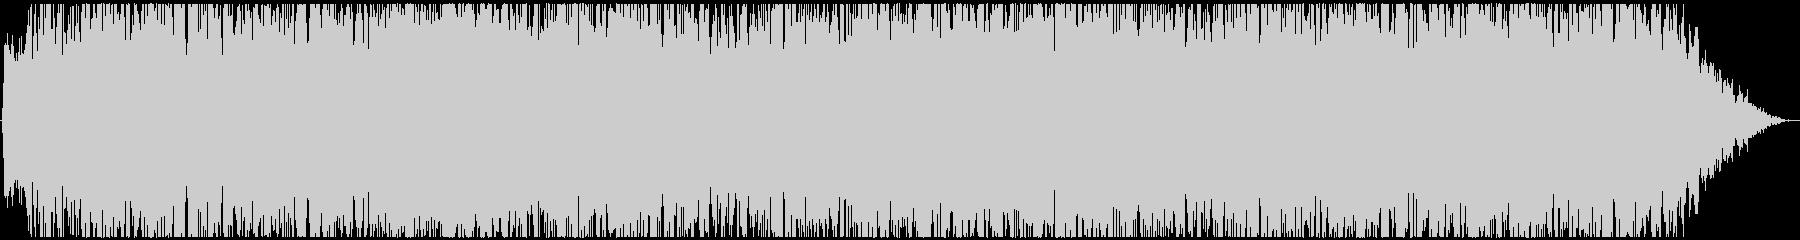 イメージ 地獄の声06の未再生の波形